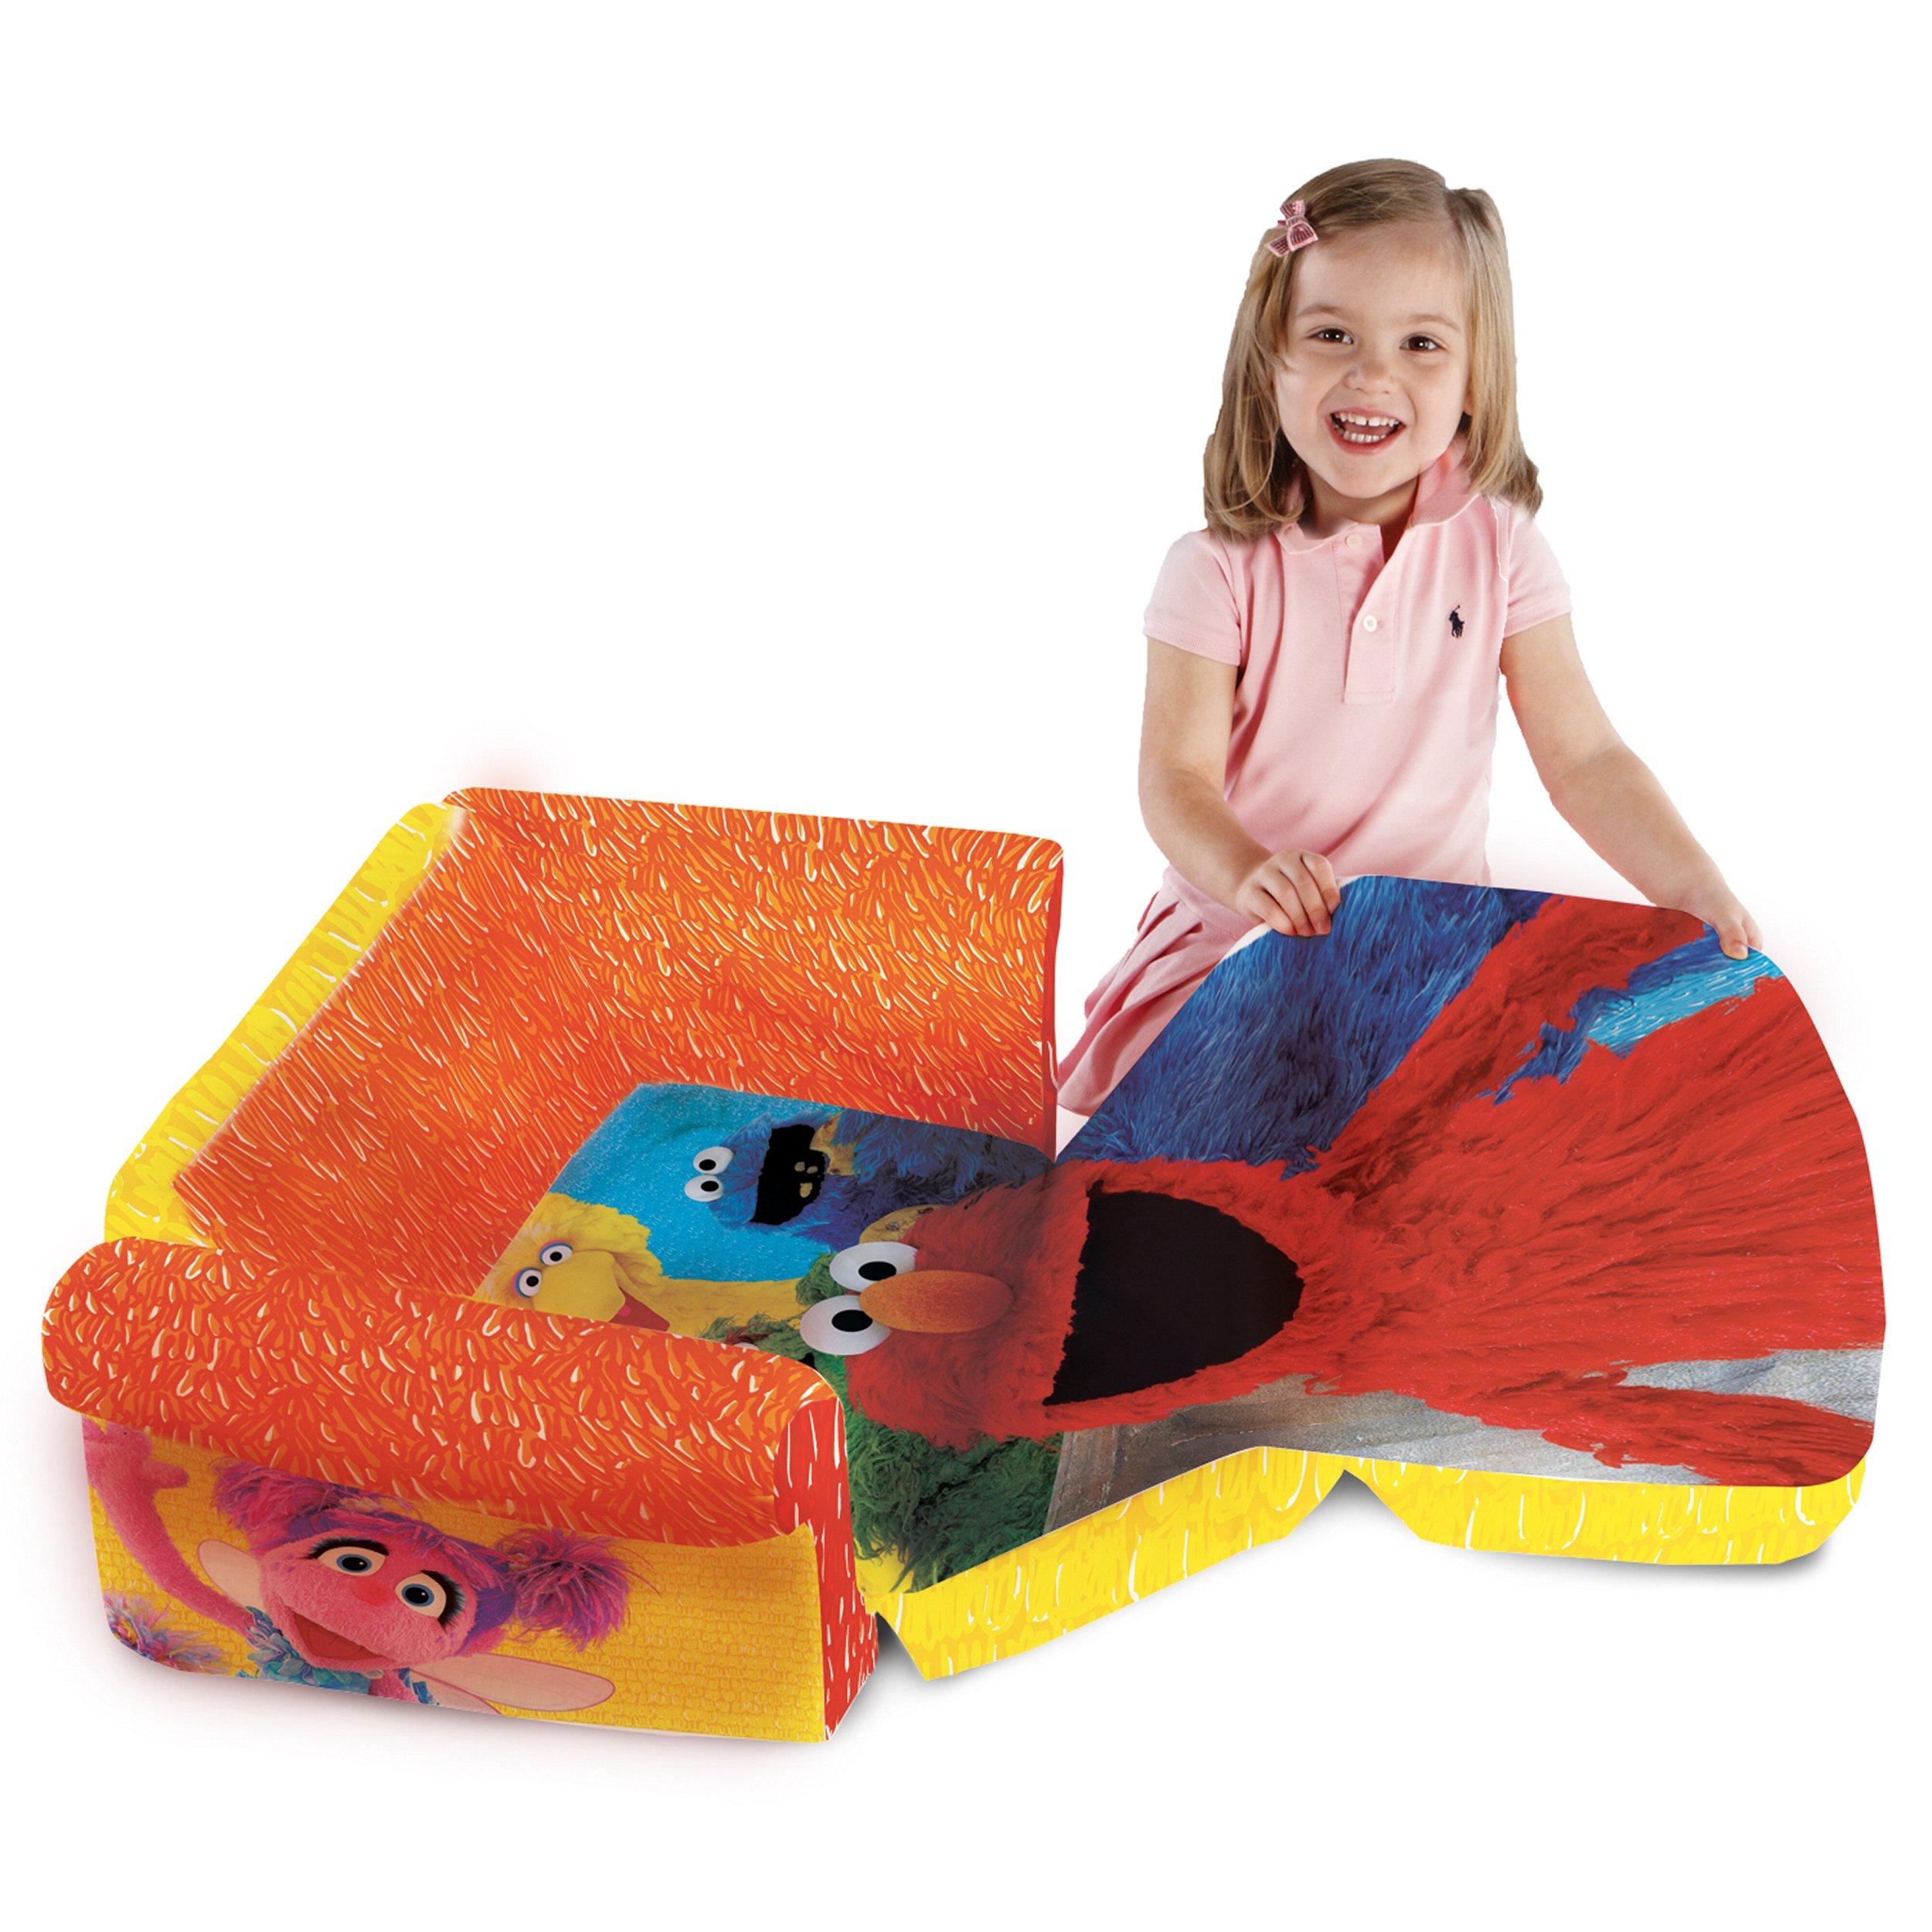 Marshmallow Furniture, Children's 2 in 1 Flip Open Foam Sofa, Sesame Street's Elmo/Sesame, by Spin Master by Marshmallow Furniture (Image #4)